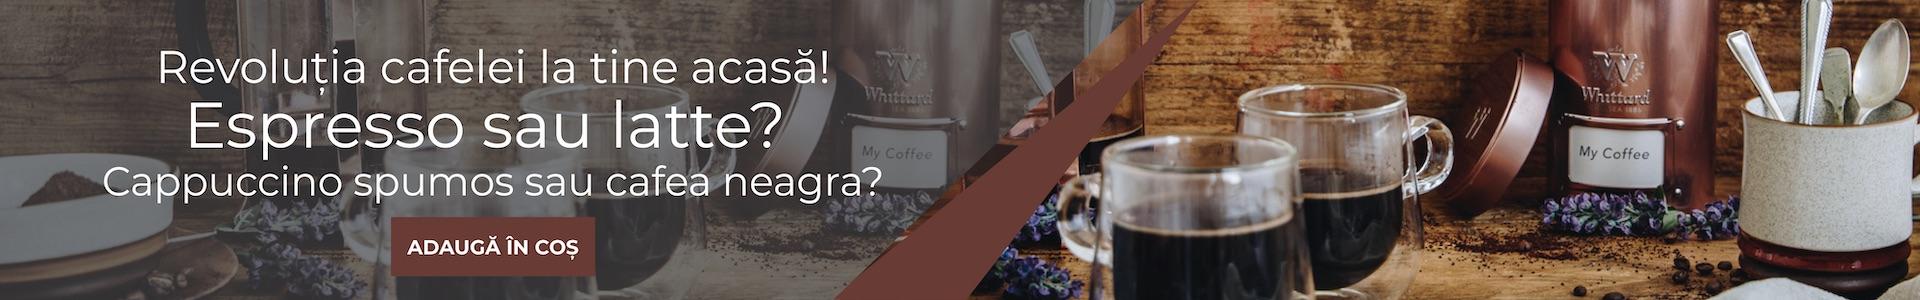 Cafea | Accesorii cafea